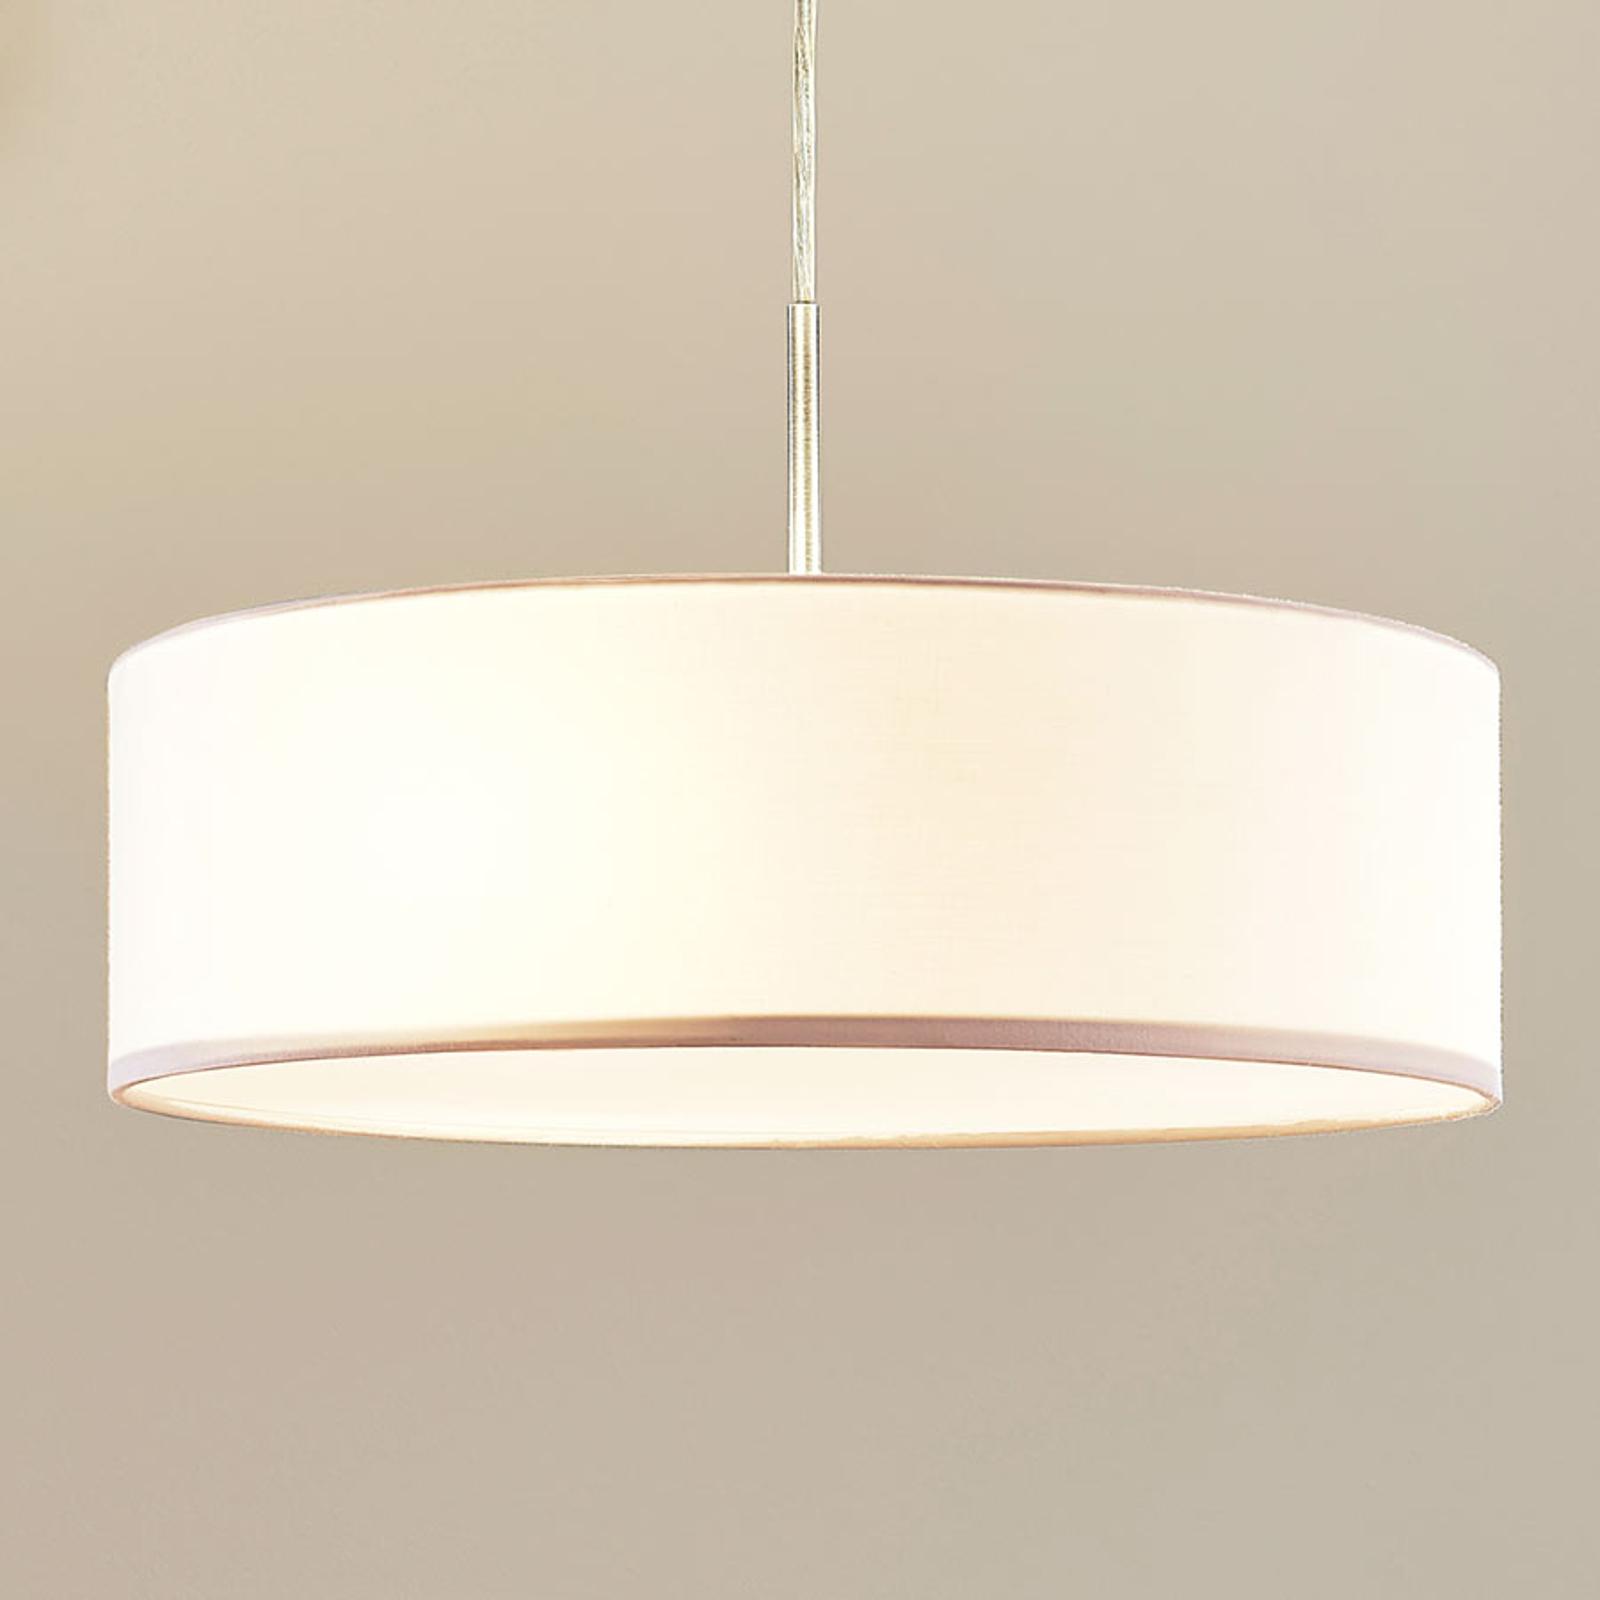 Lindby Závěsná lampa Sebatin, 40 cm, smetanová